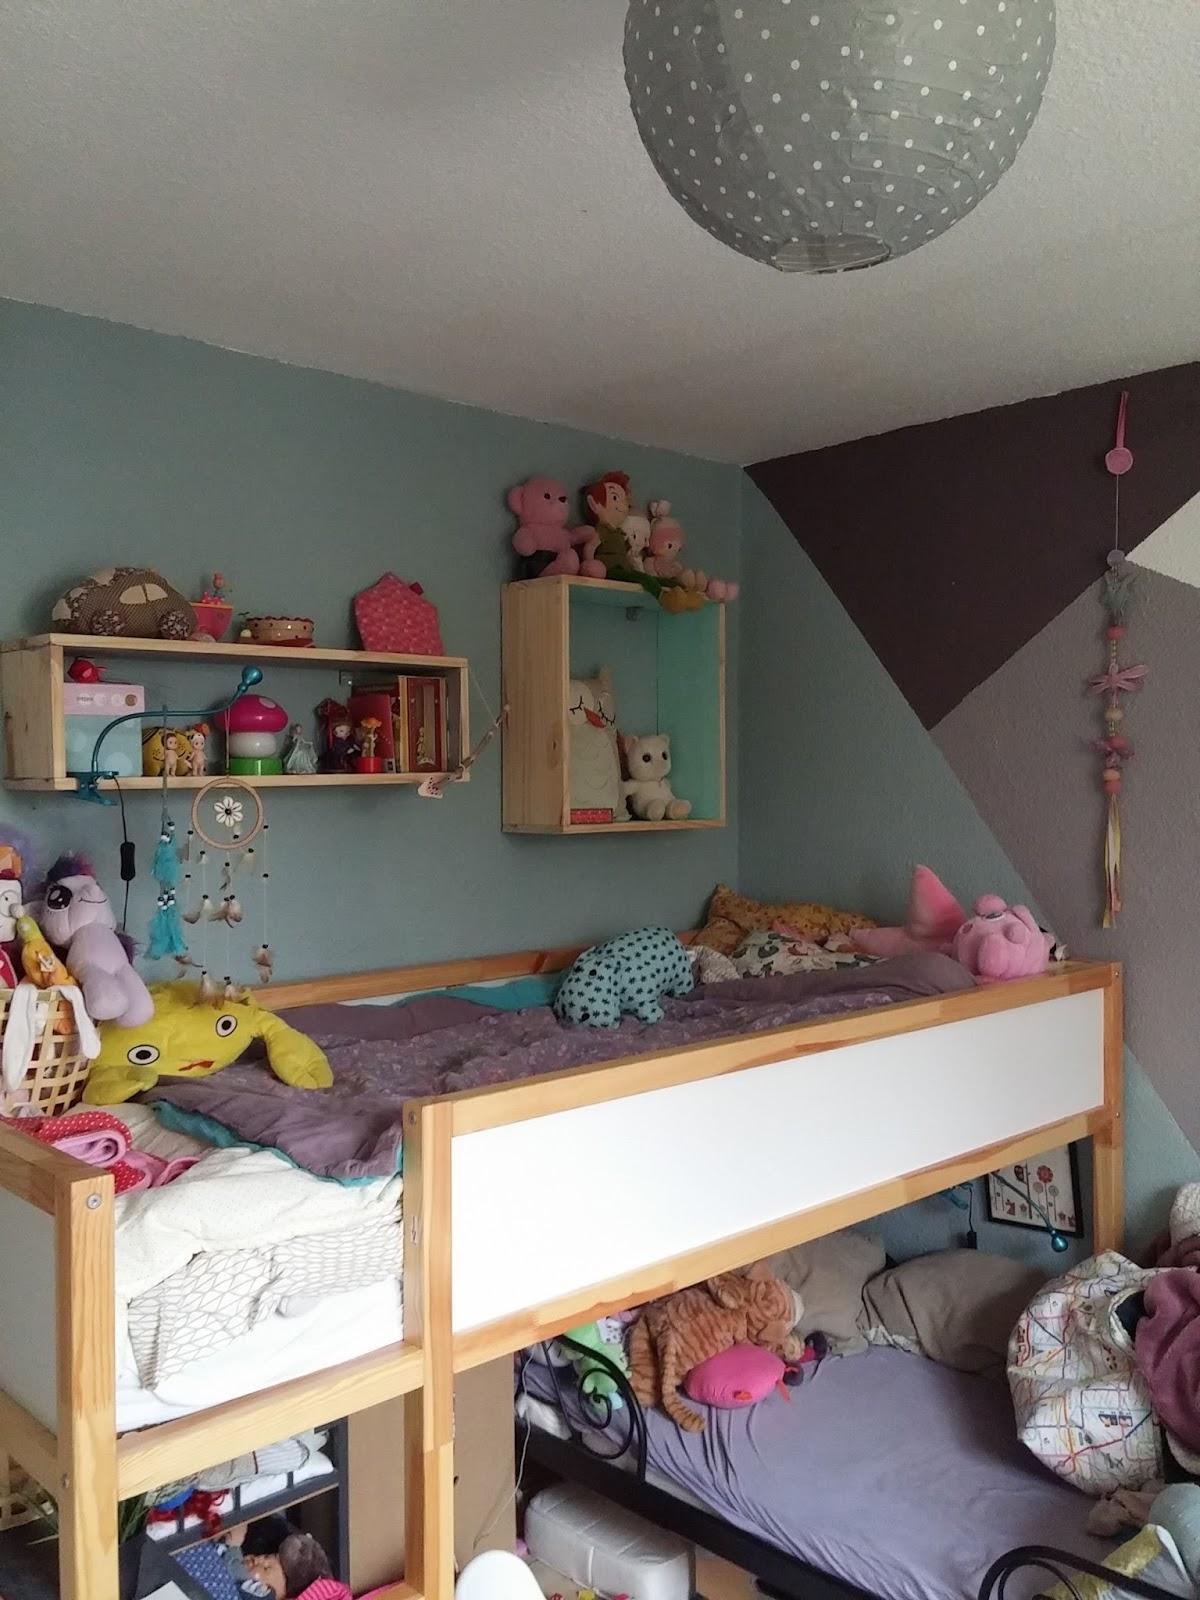 la d co de la chambre des kids les aventures des petits pois. Black Bedroom Furniture Sets. Home Design Ideas